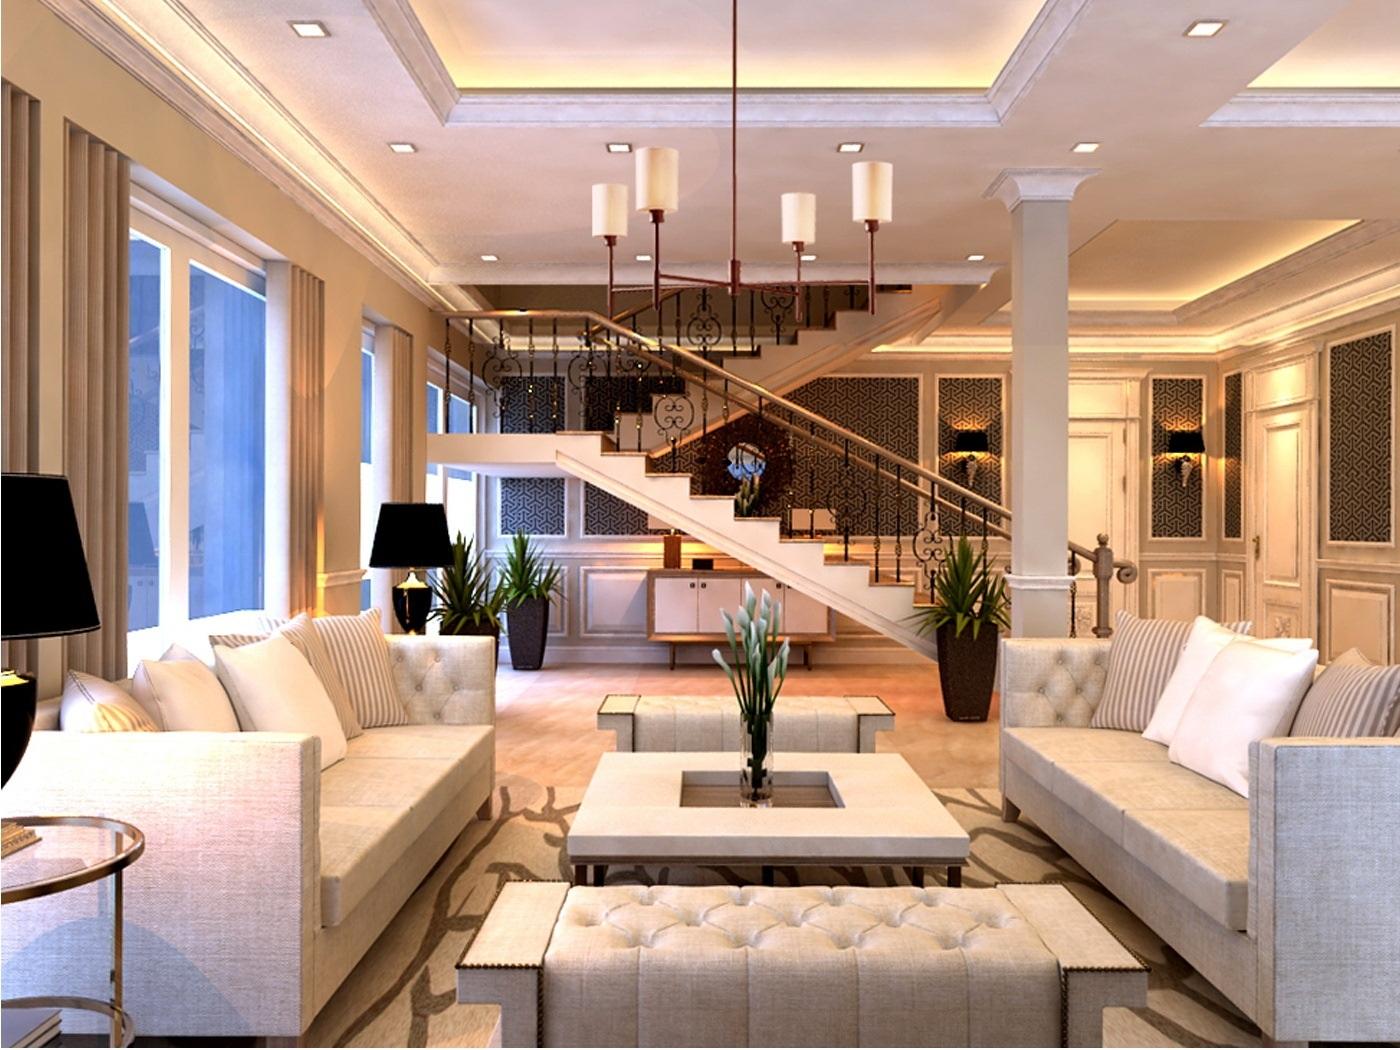 Mỗi căn biệt thự Sunset Villas đều được thiết kế sang trọng và ấn tượng.